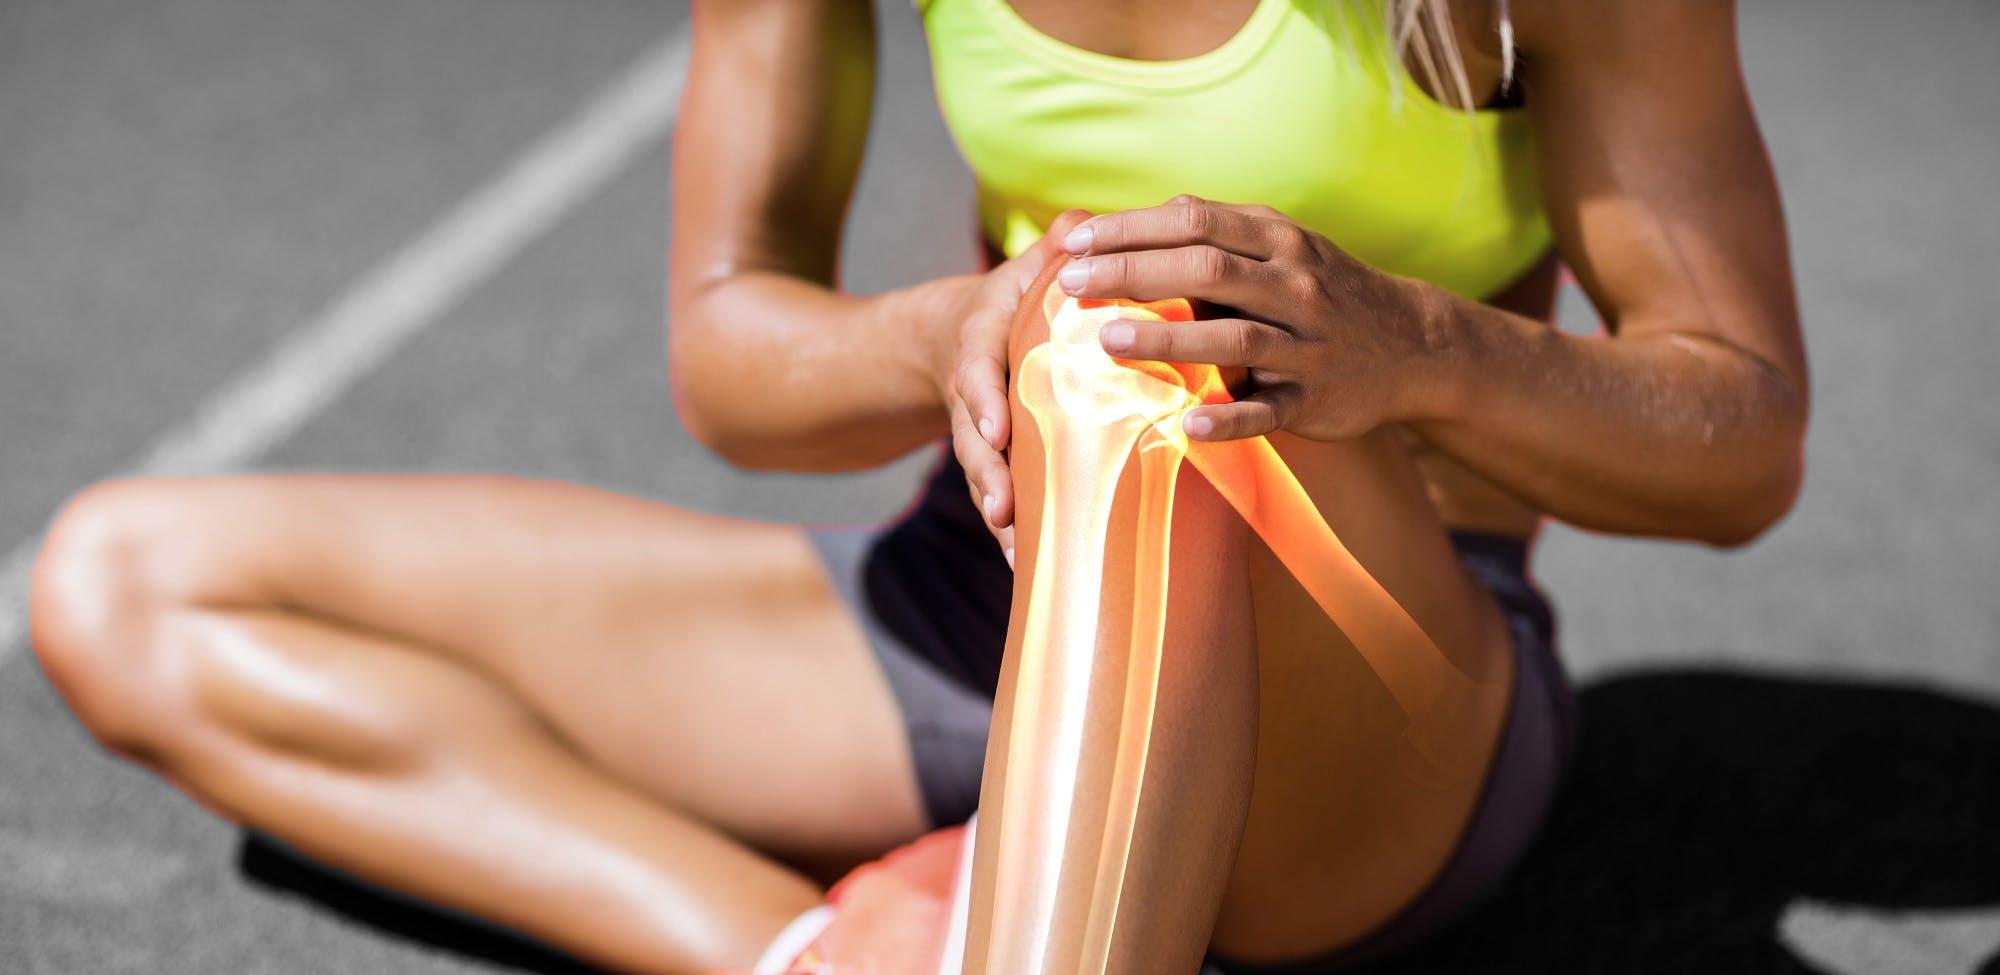 Οι συχνότερες αιτίες πόνου στο γόνατο σε δρομείς και πως να της ξεχωρίσετε